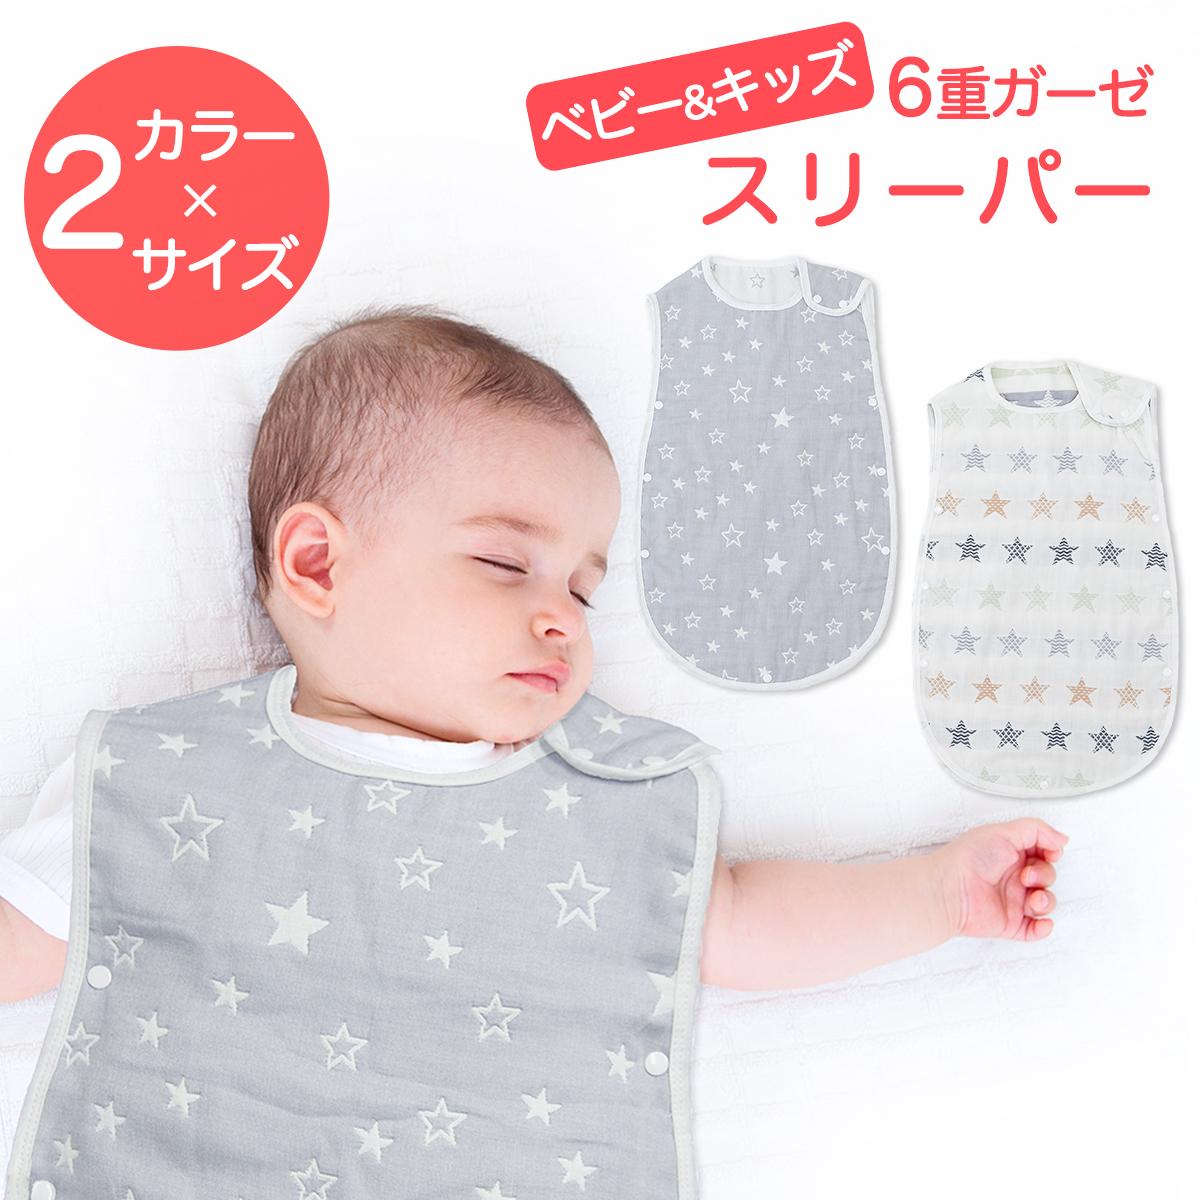 スリーパー 爆売りセール開催中 ベビー キッズ 6重ガーゼ 人気海外一番 赤ちゃん ふっかふか